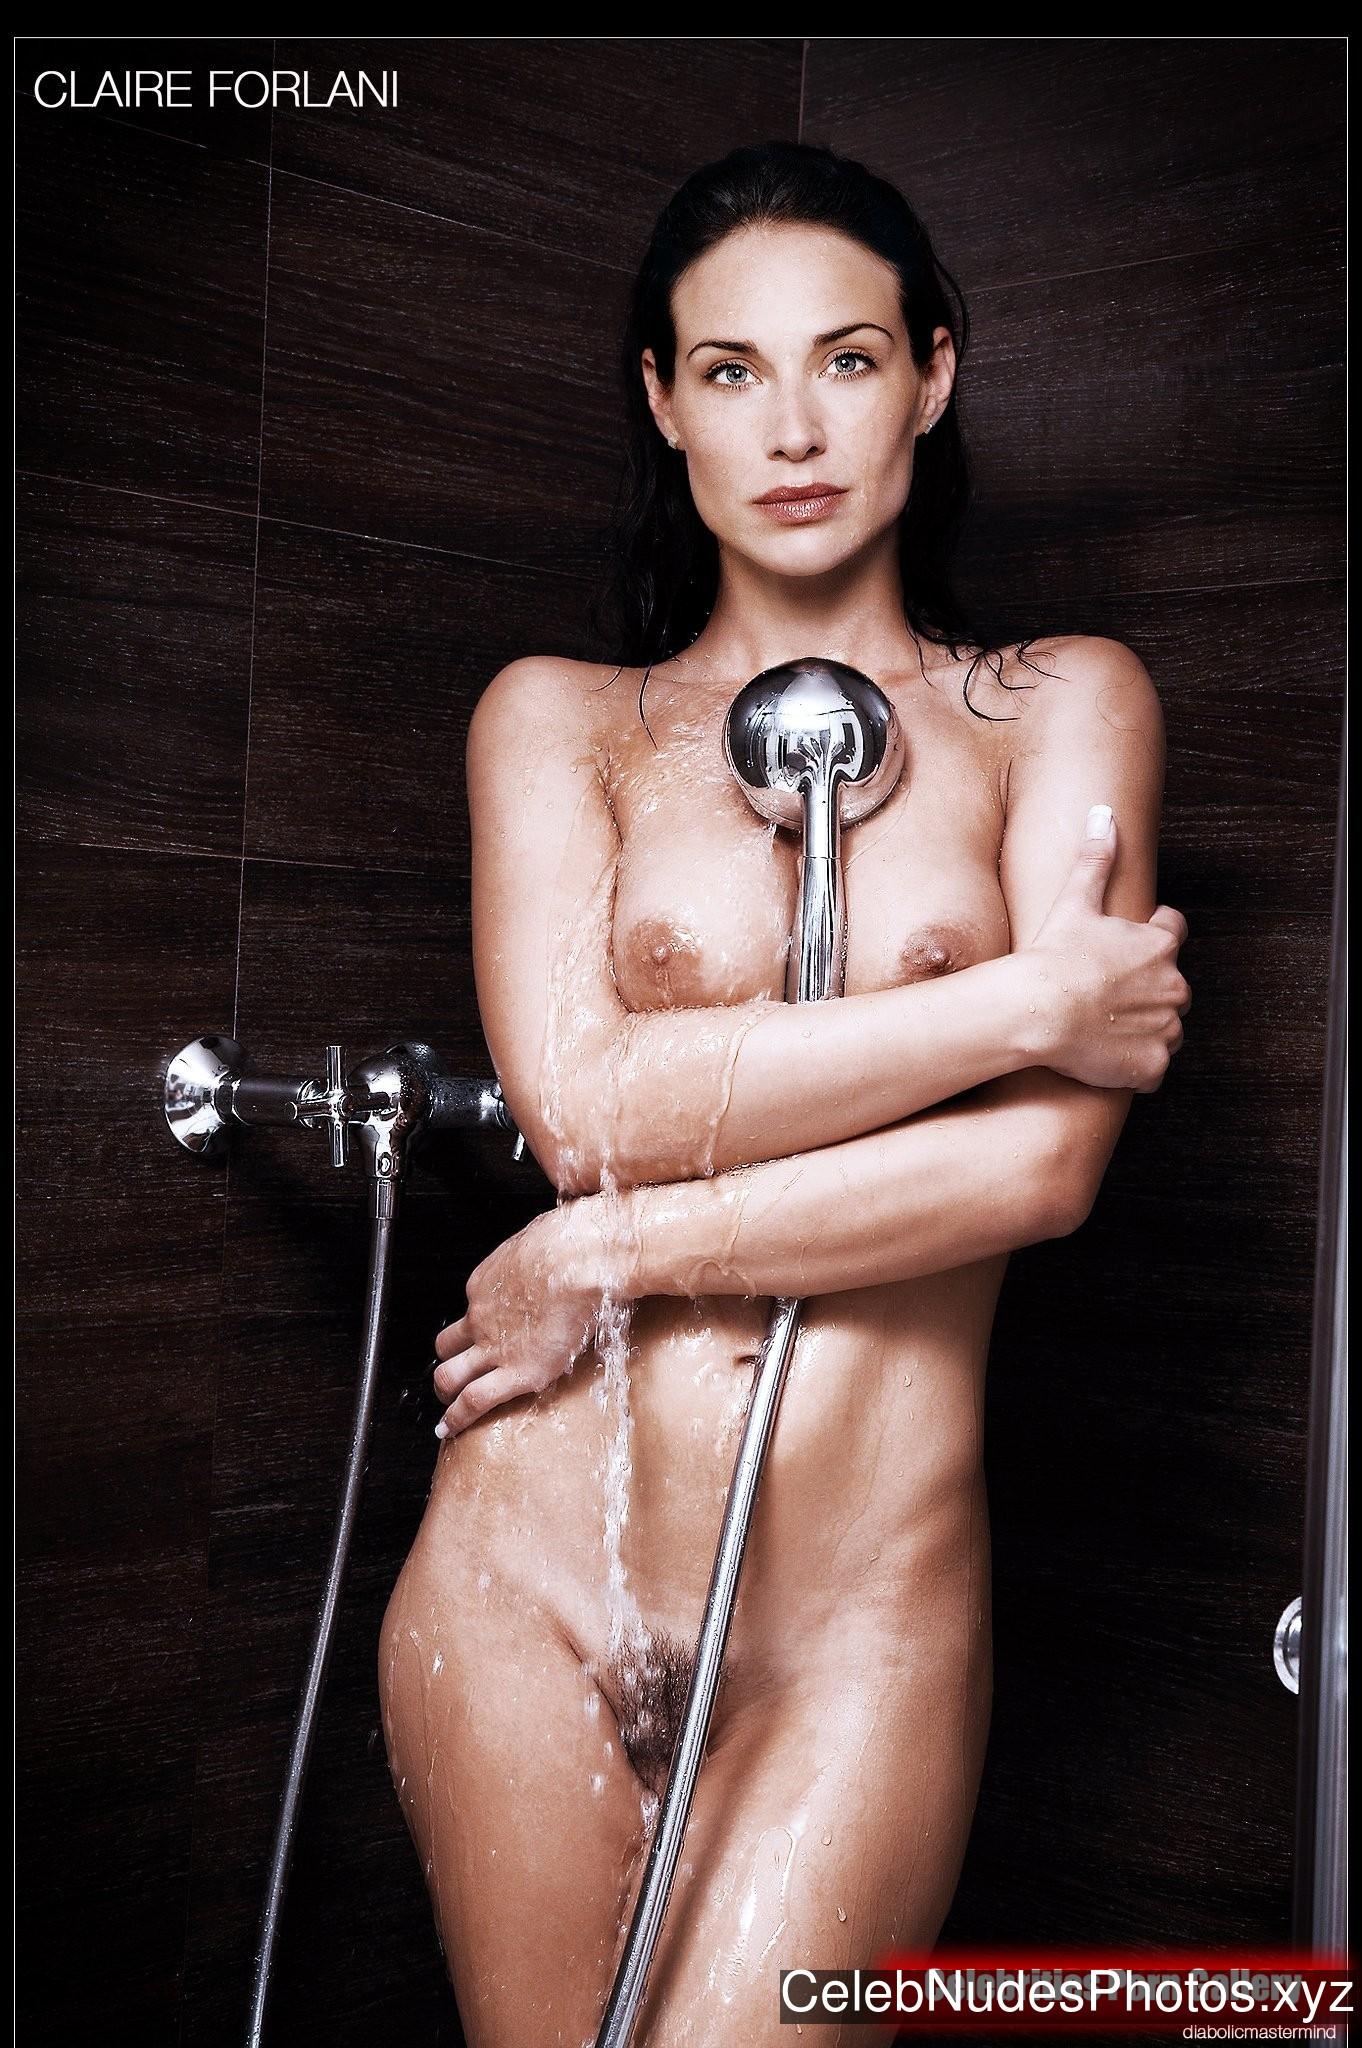 Claire Forlani Nude Celeb sexy 5